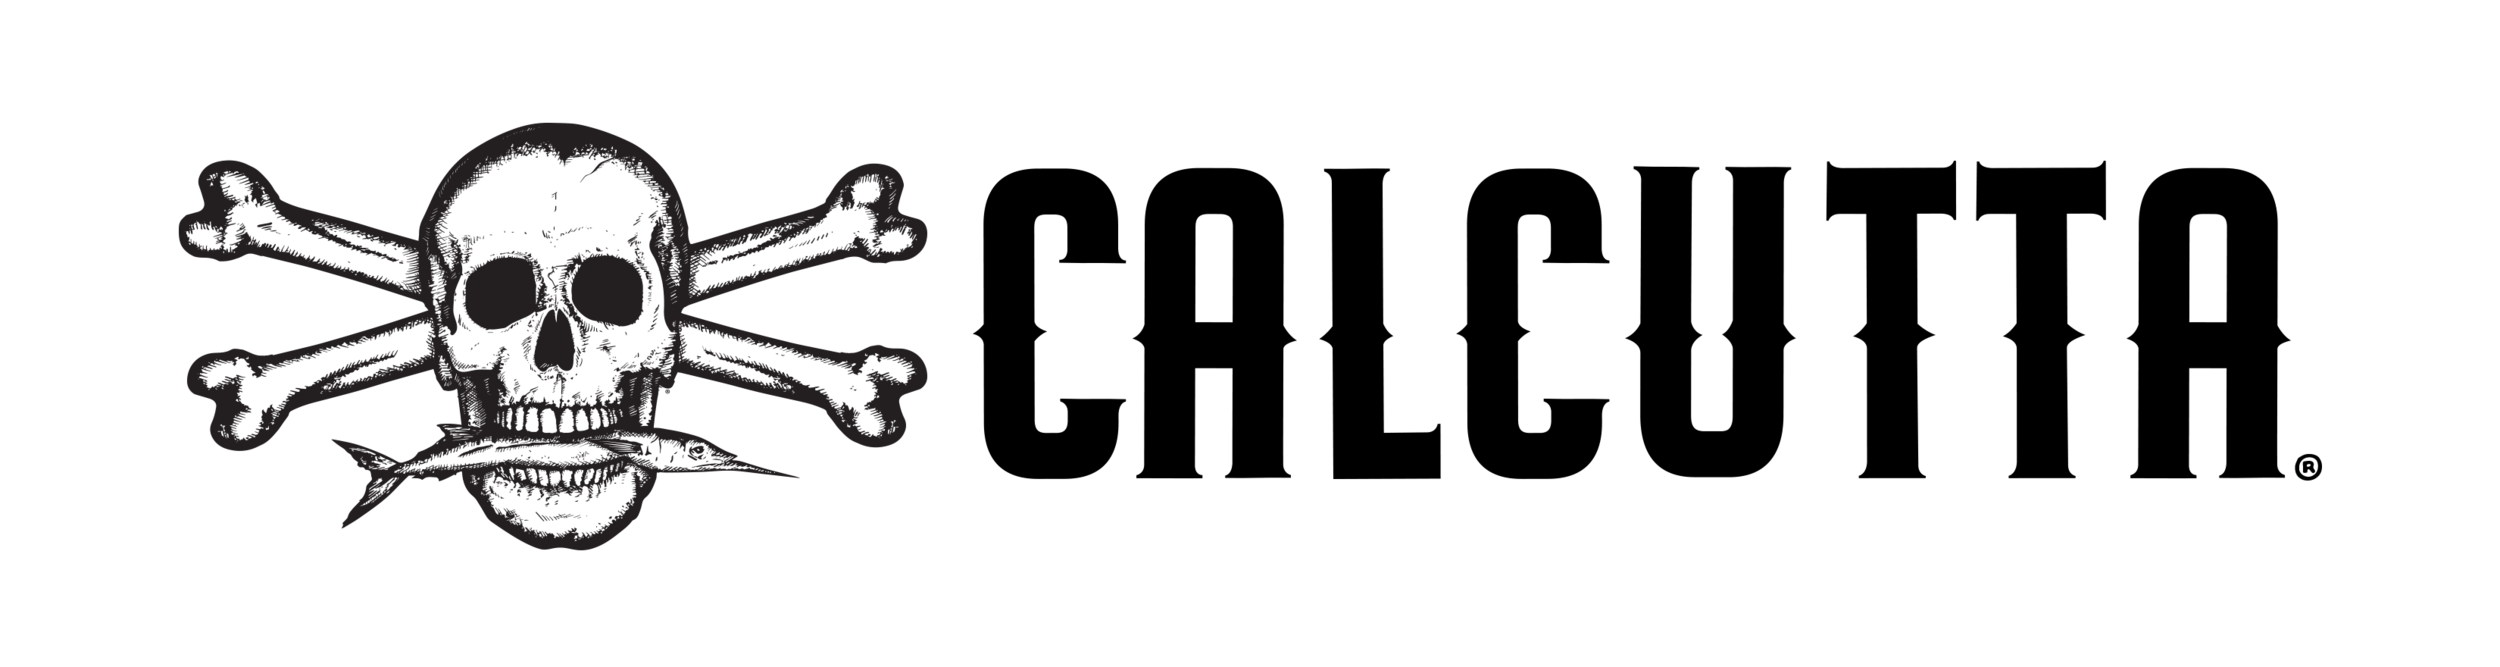 calcutta-web-logo.png